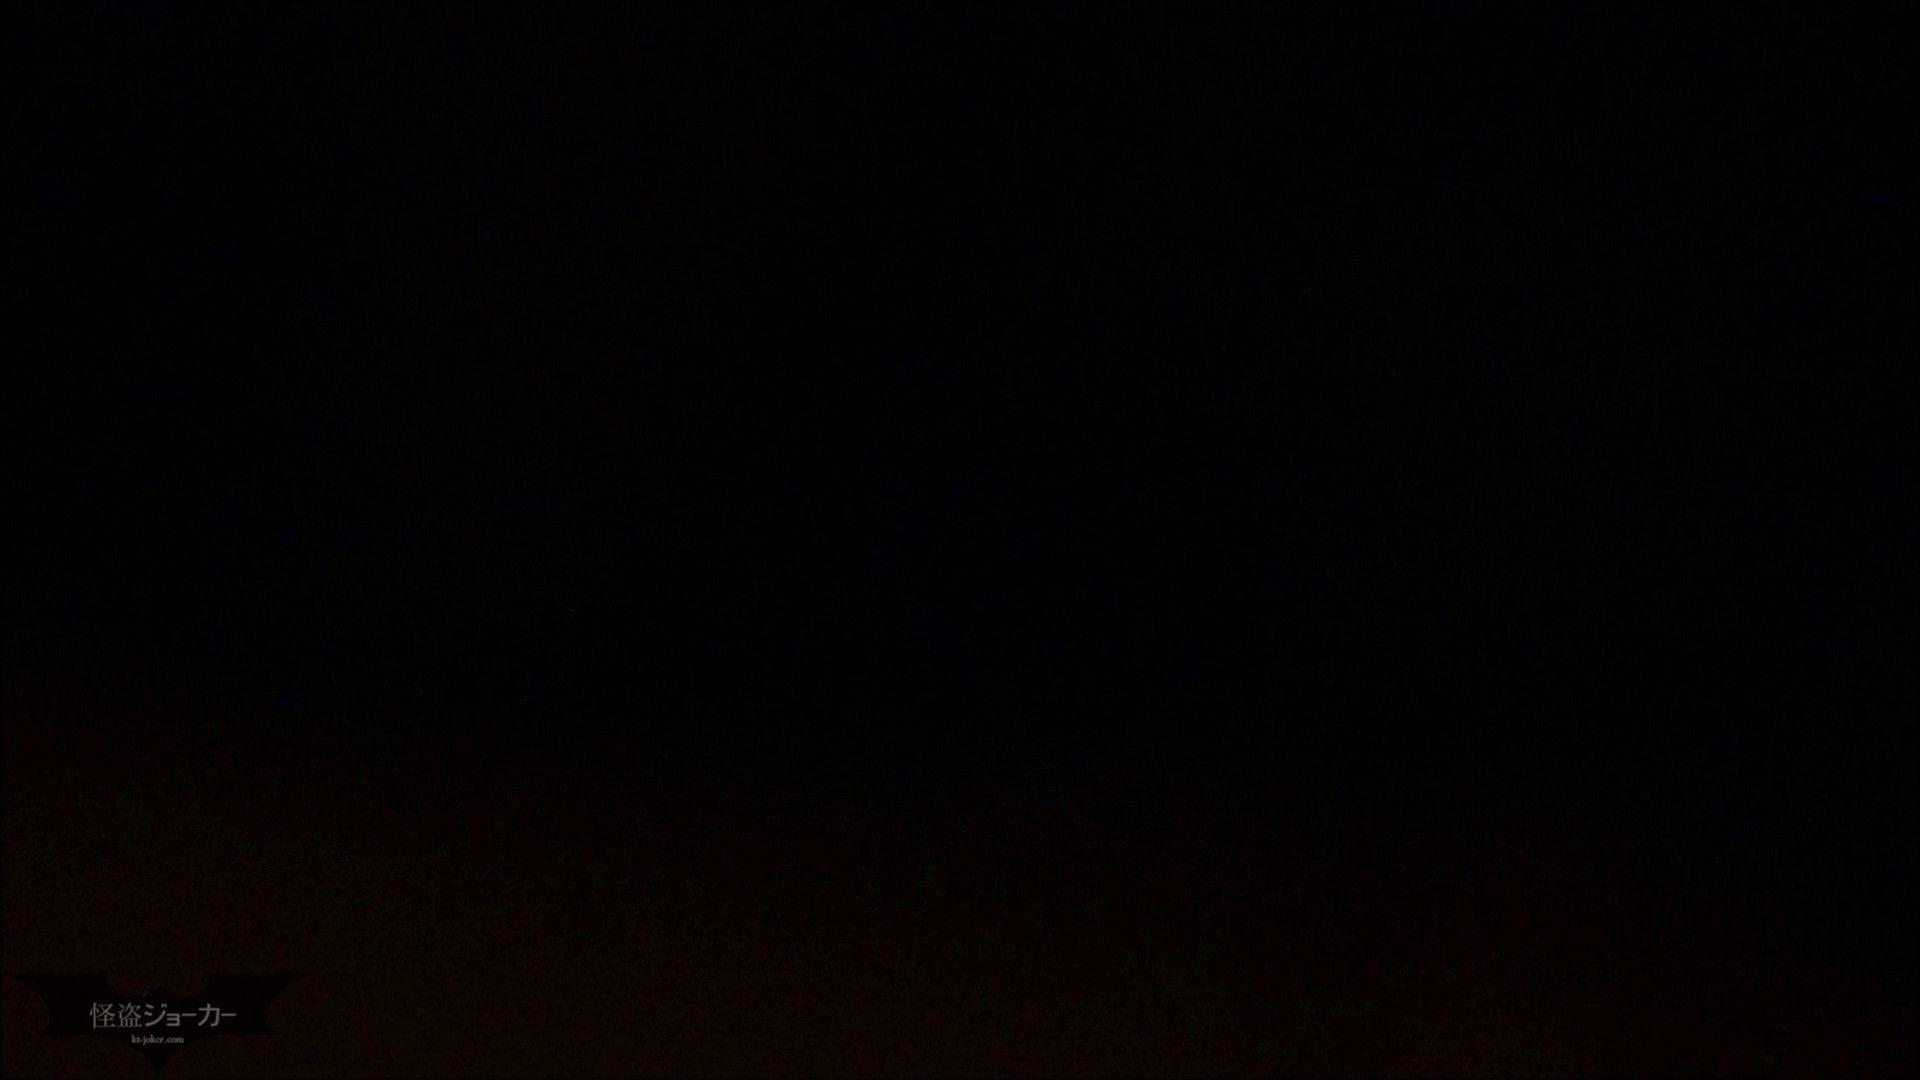 【未公開】vol.88 {美容部員見習い}KANAM 人懐っこさは危険ですヨ。  101枚